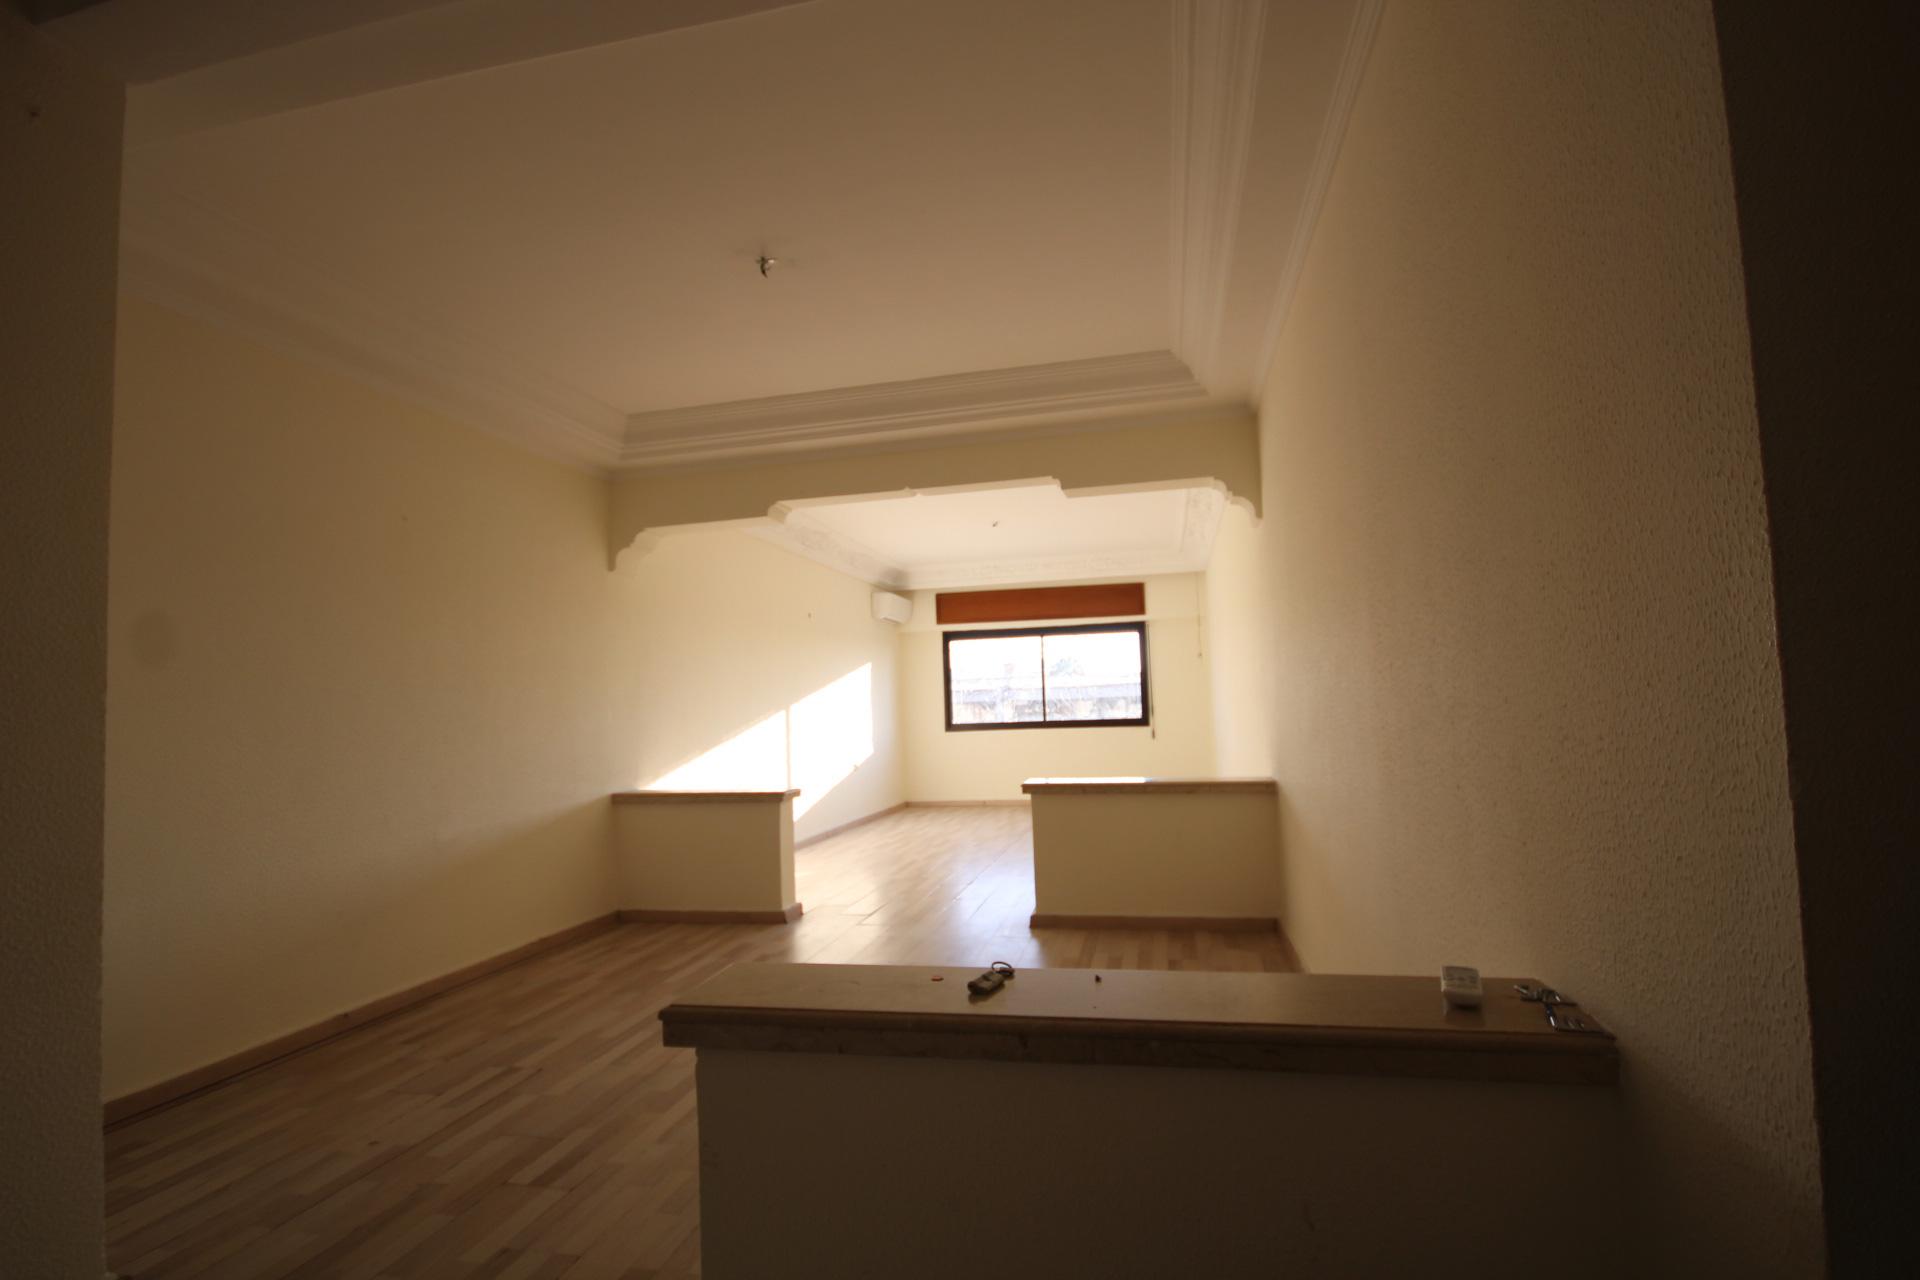 Appartement de 106 m² a très bon prix idéal pour une première installation ou investissement.